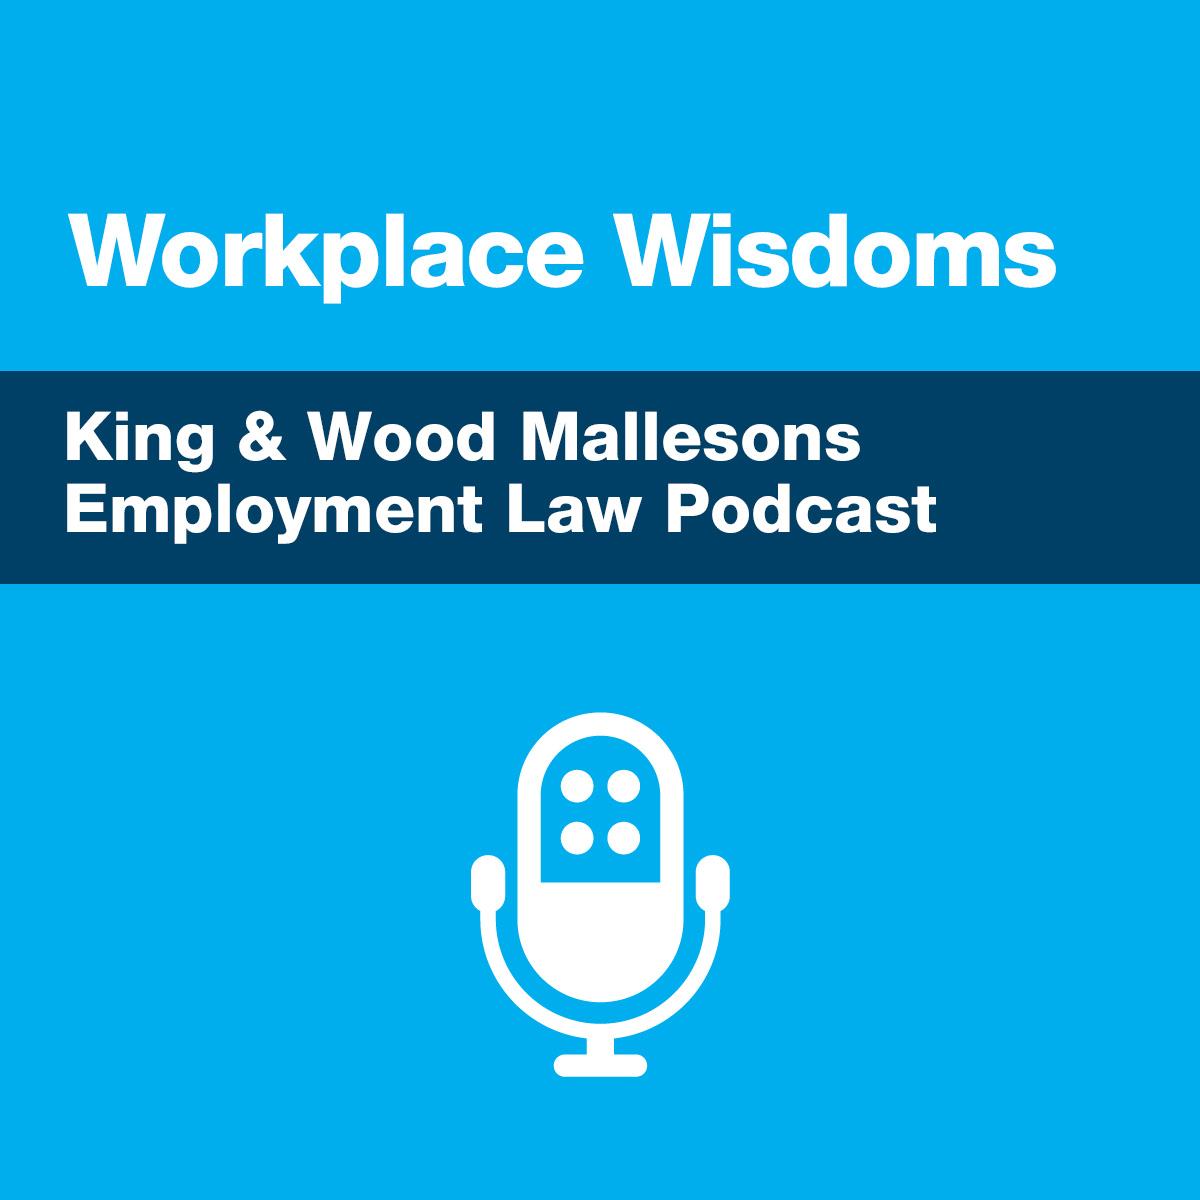 KWM - Employment